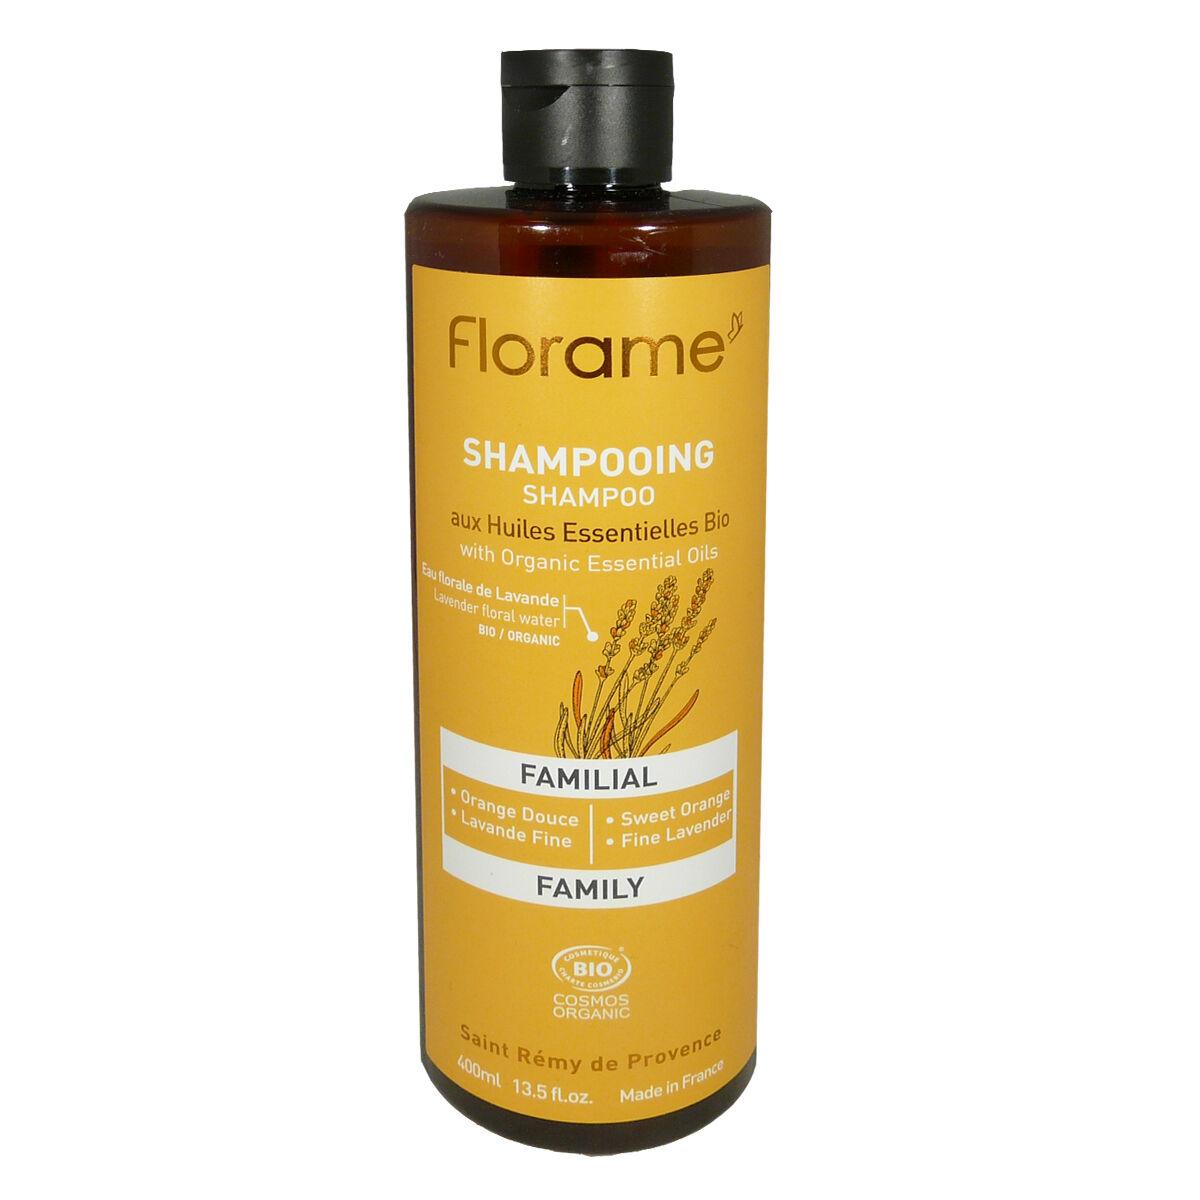 Florame shampooing aux huiles essentielles bio familial 400 ml